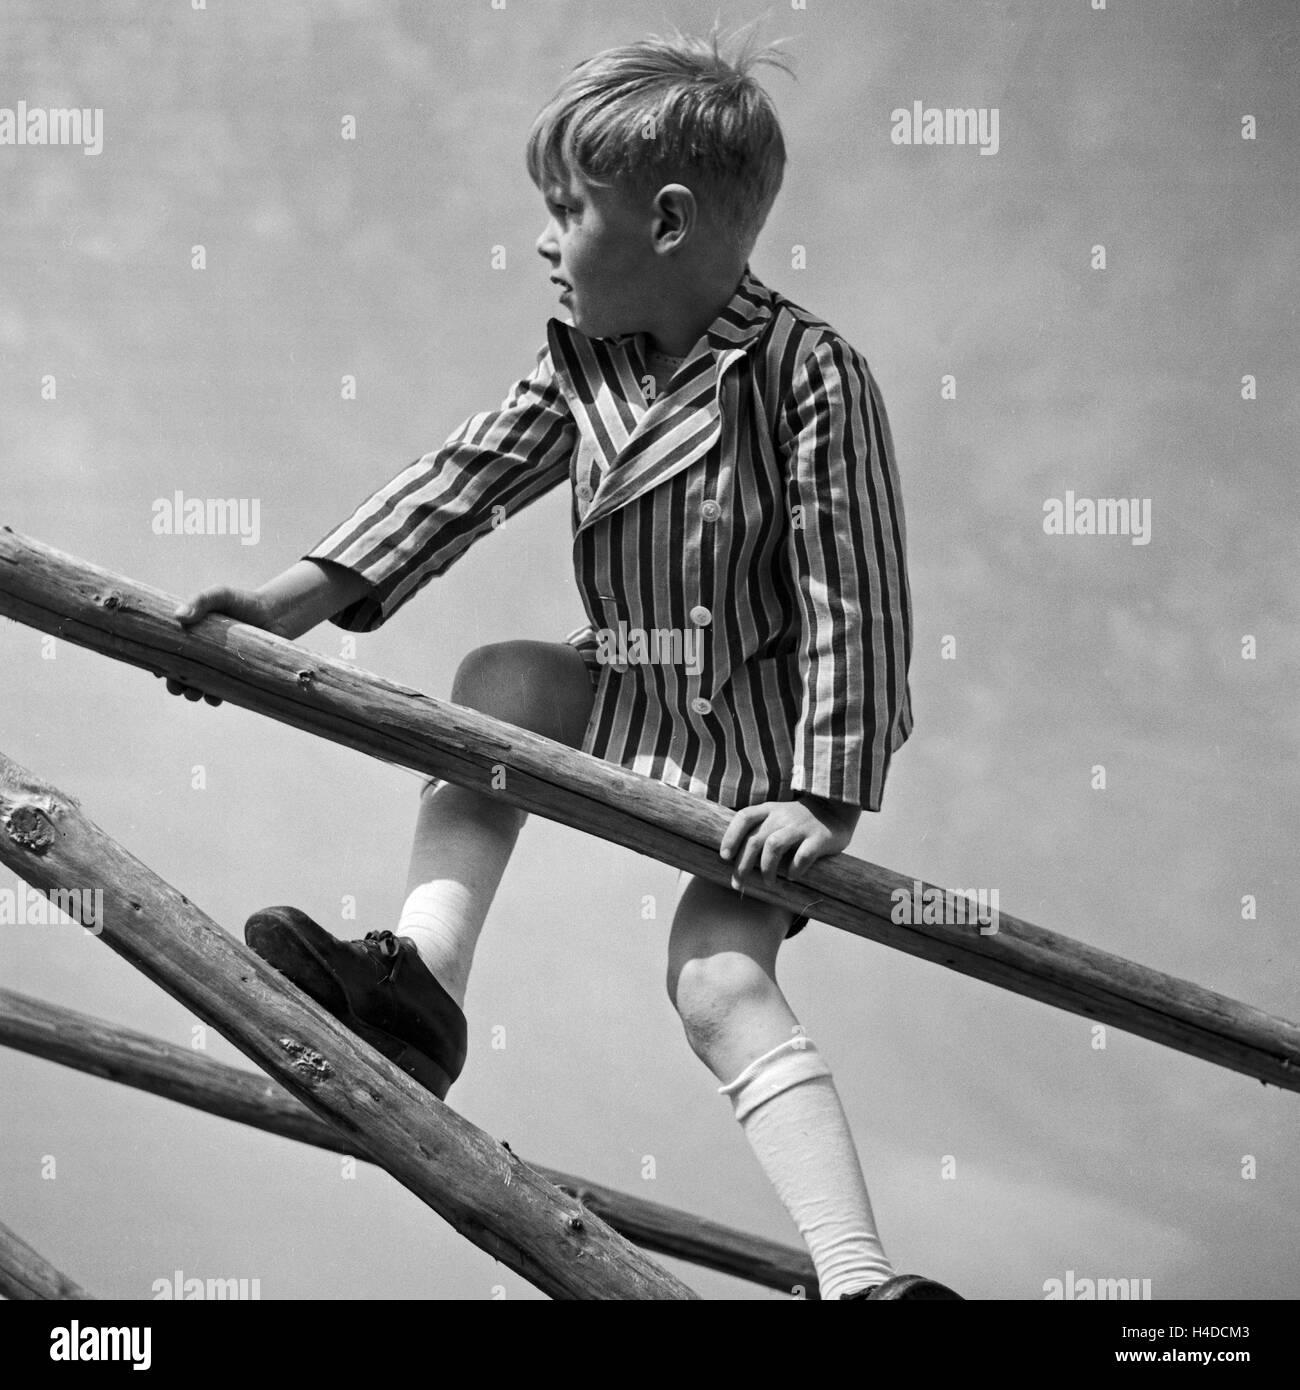 ein kleiner junge spielt und klettert auf einem holzgerüst stock